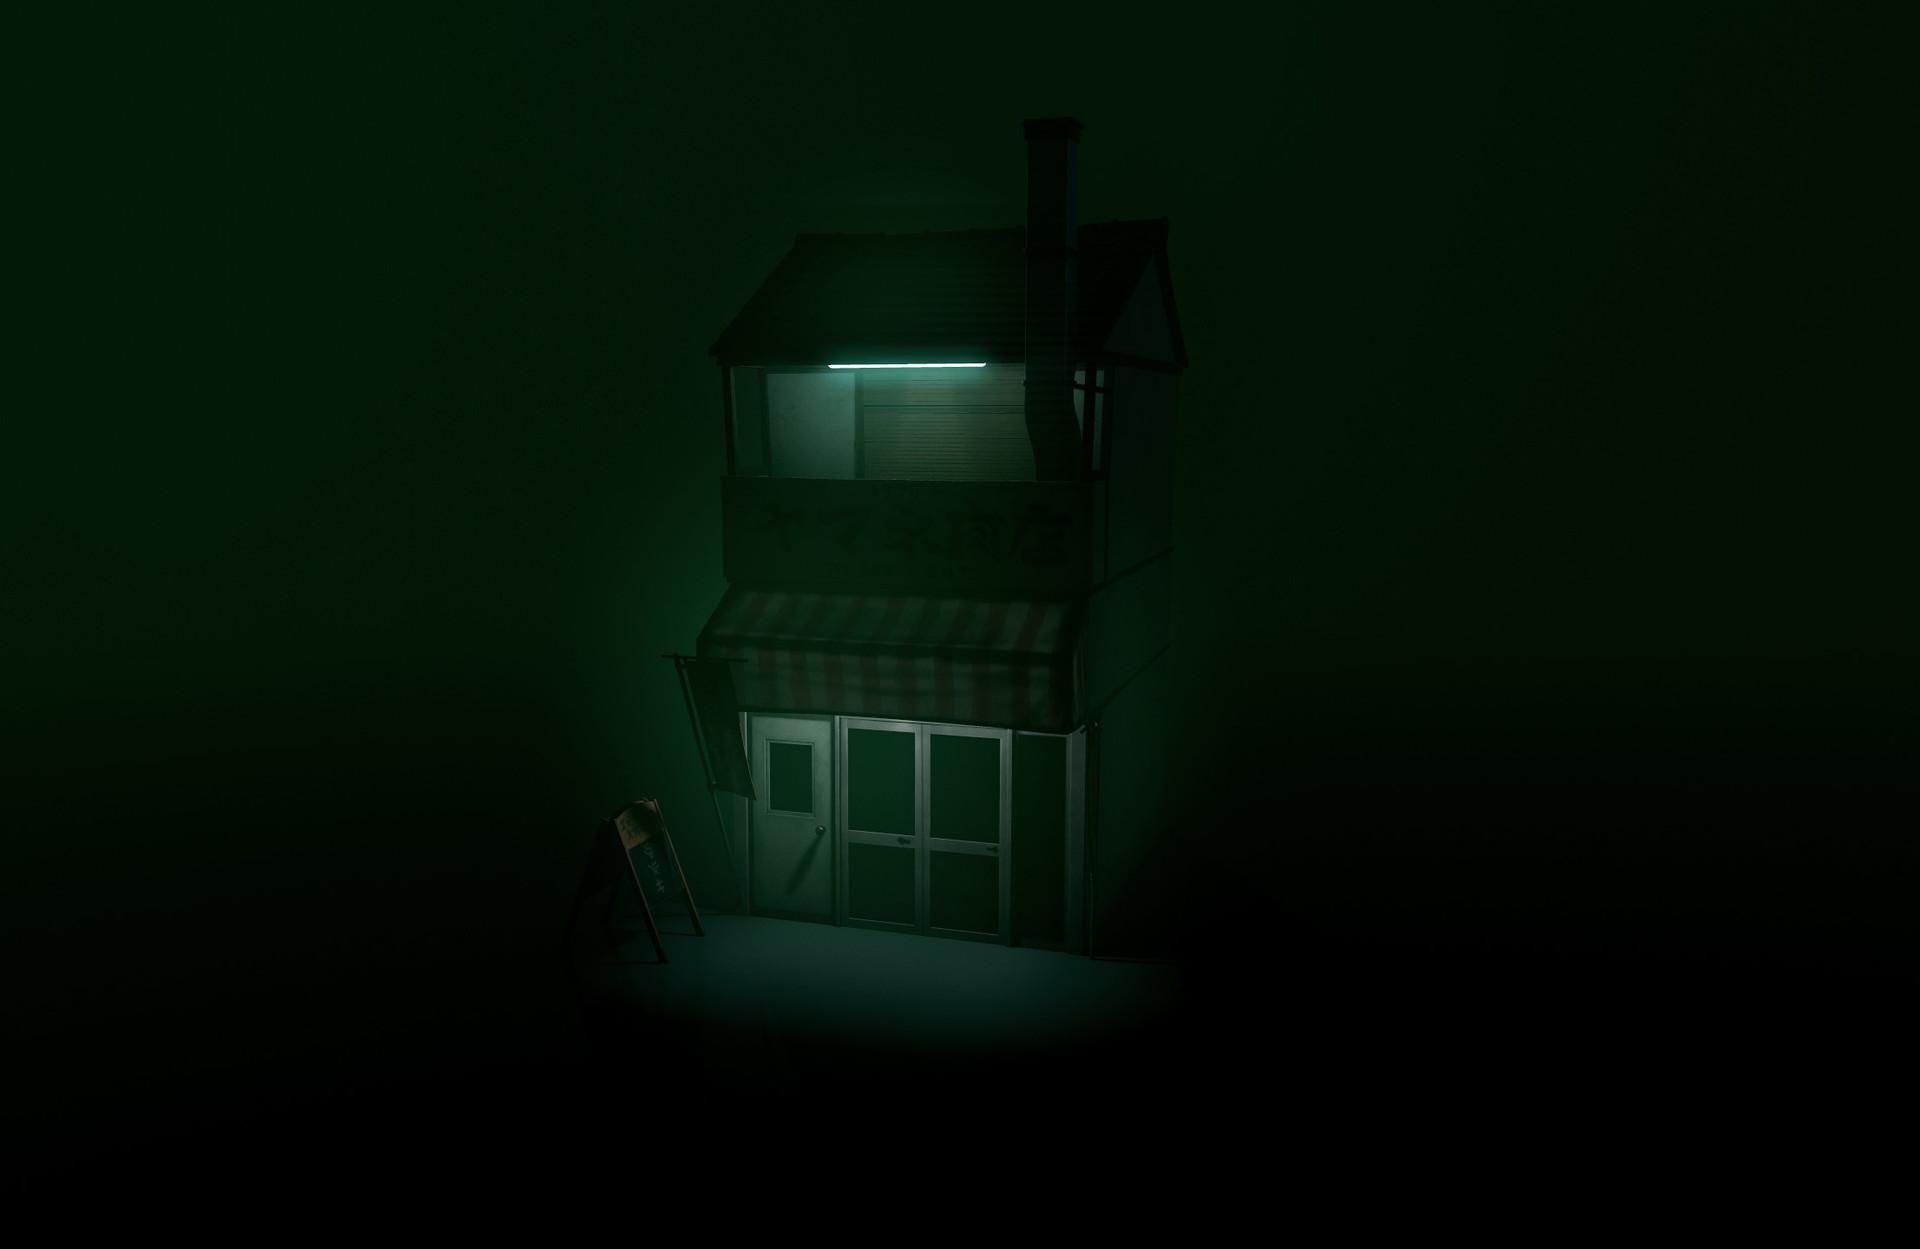 Alex voysey spooky lighting